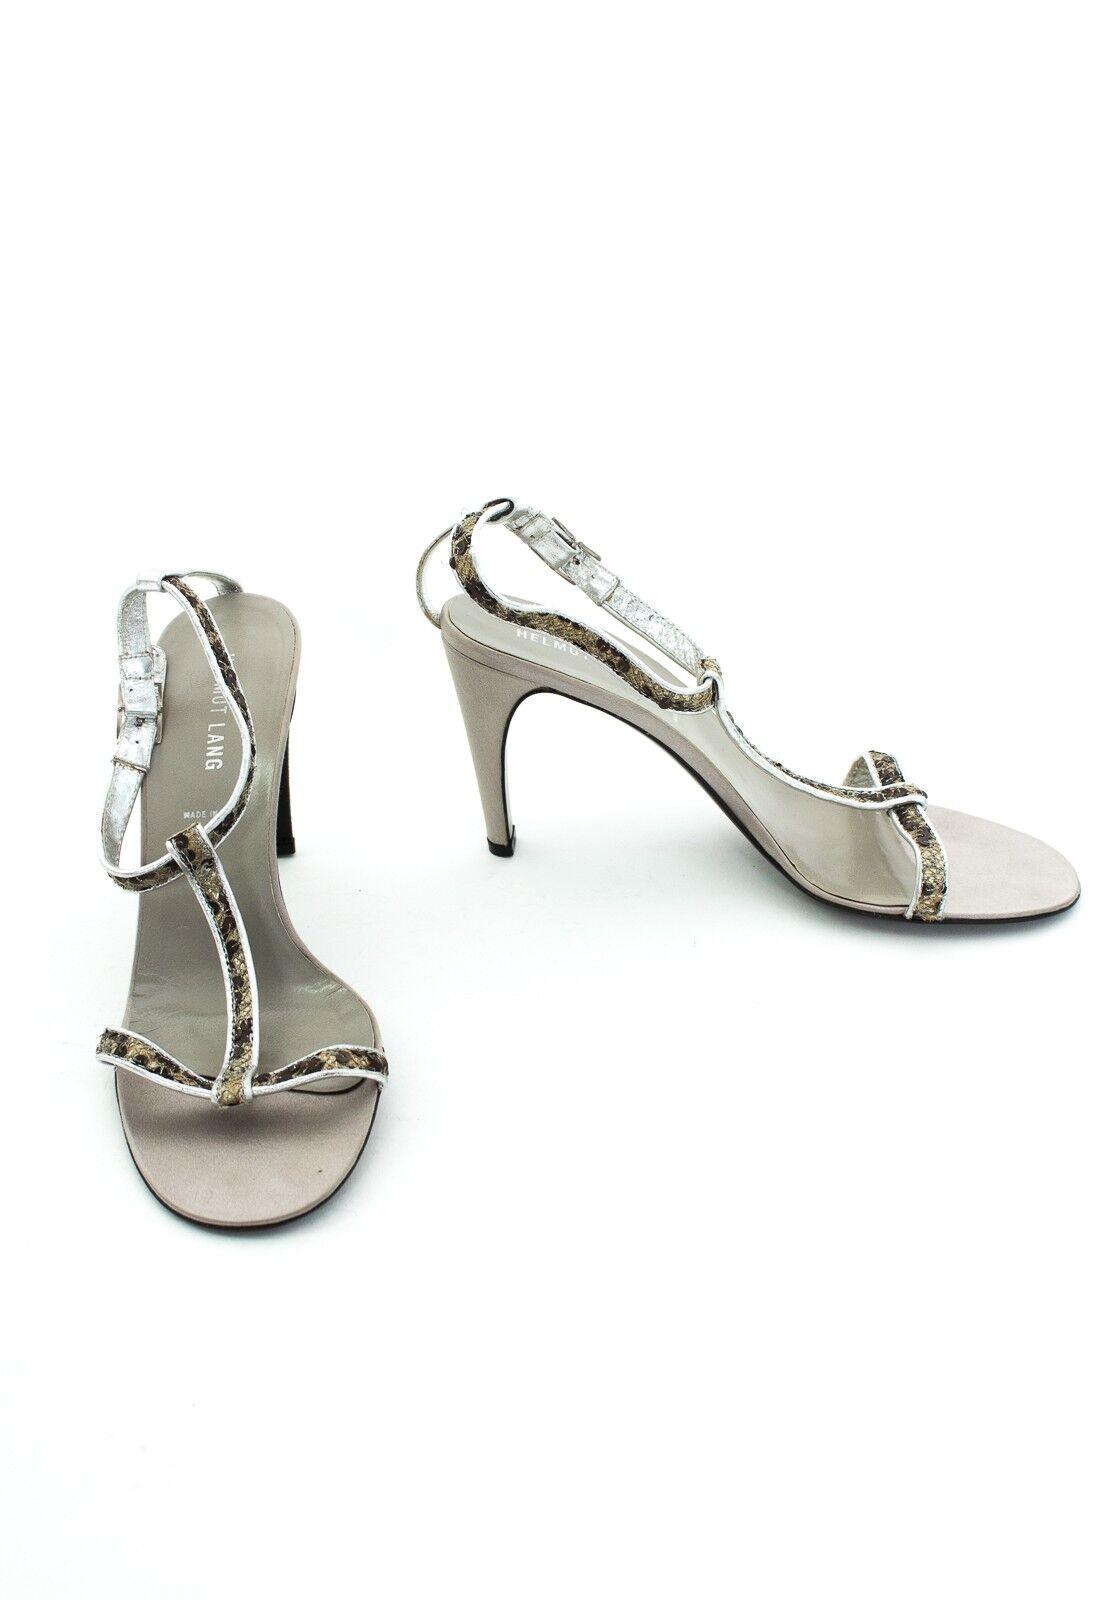 HELMUT LANG Damen Schuhe Sandalen Gr. EU 40,5